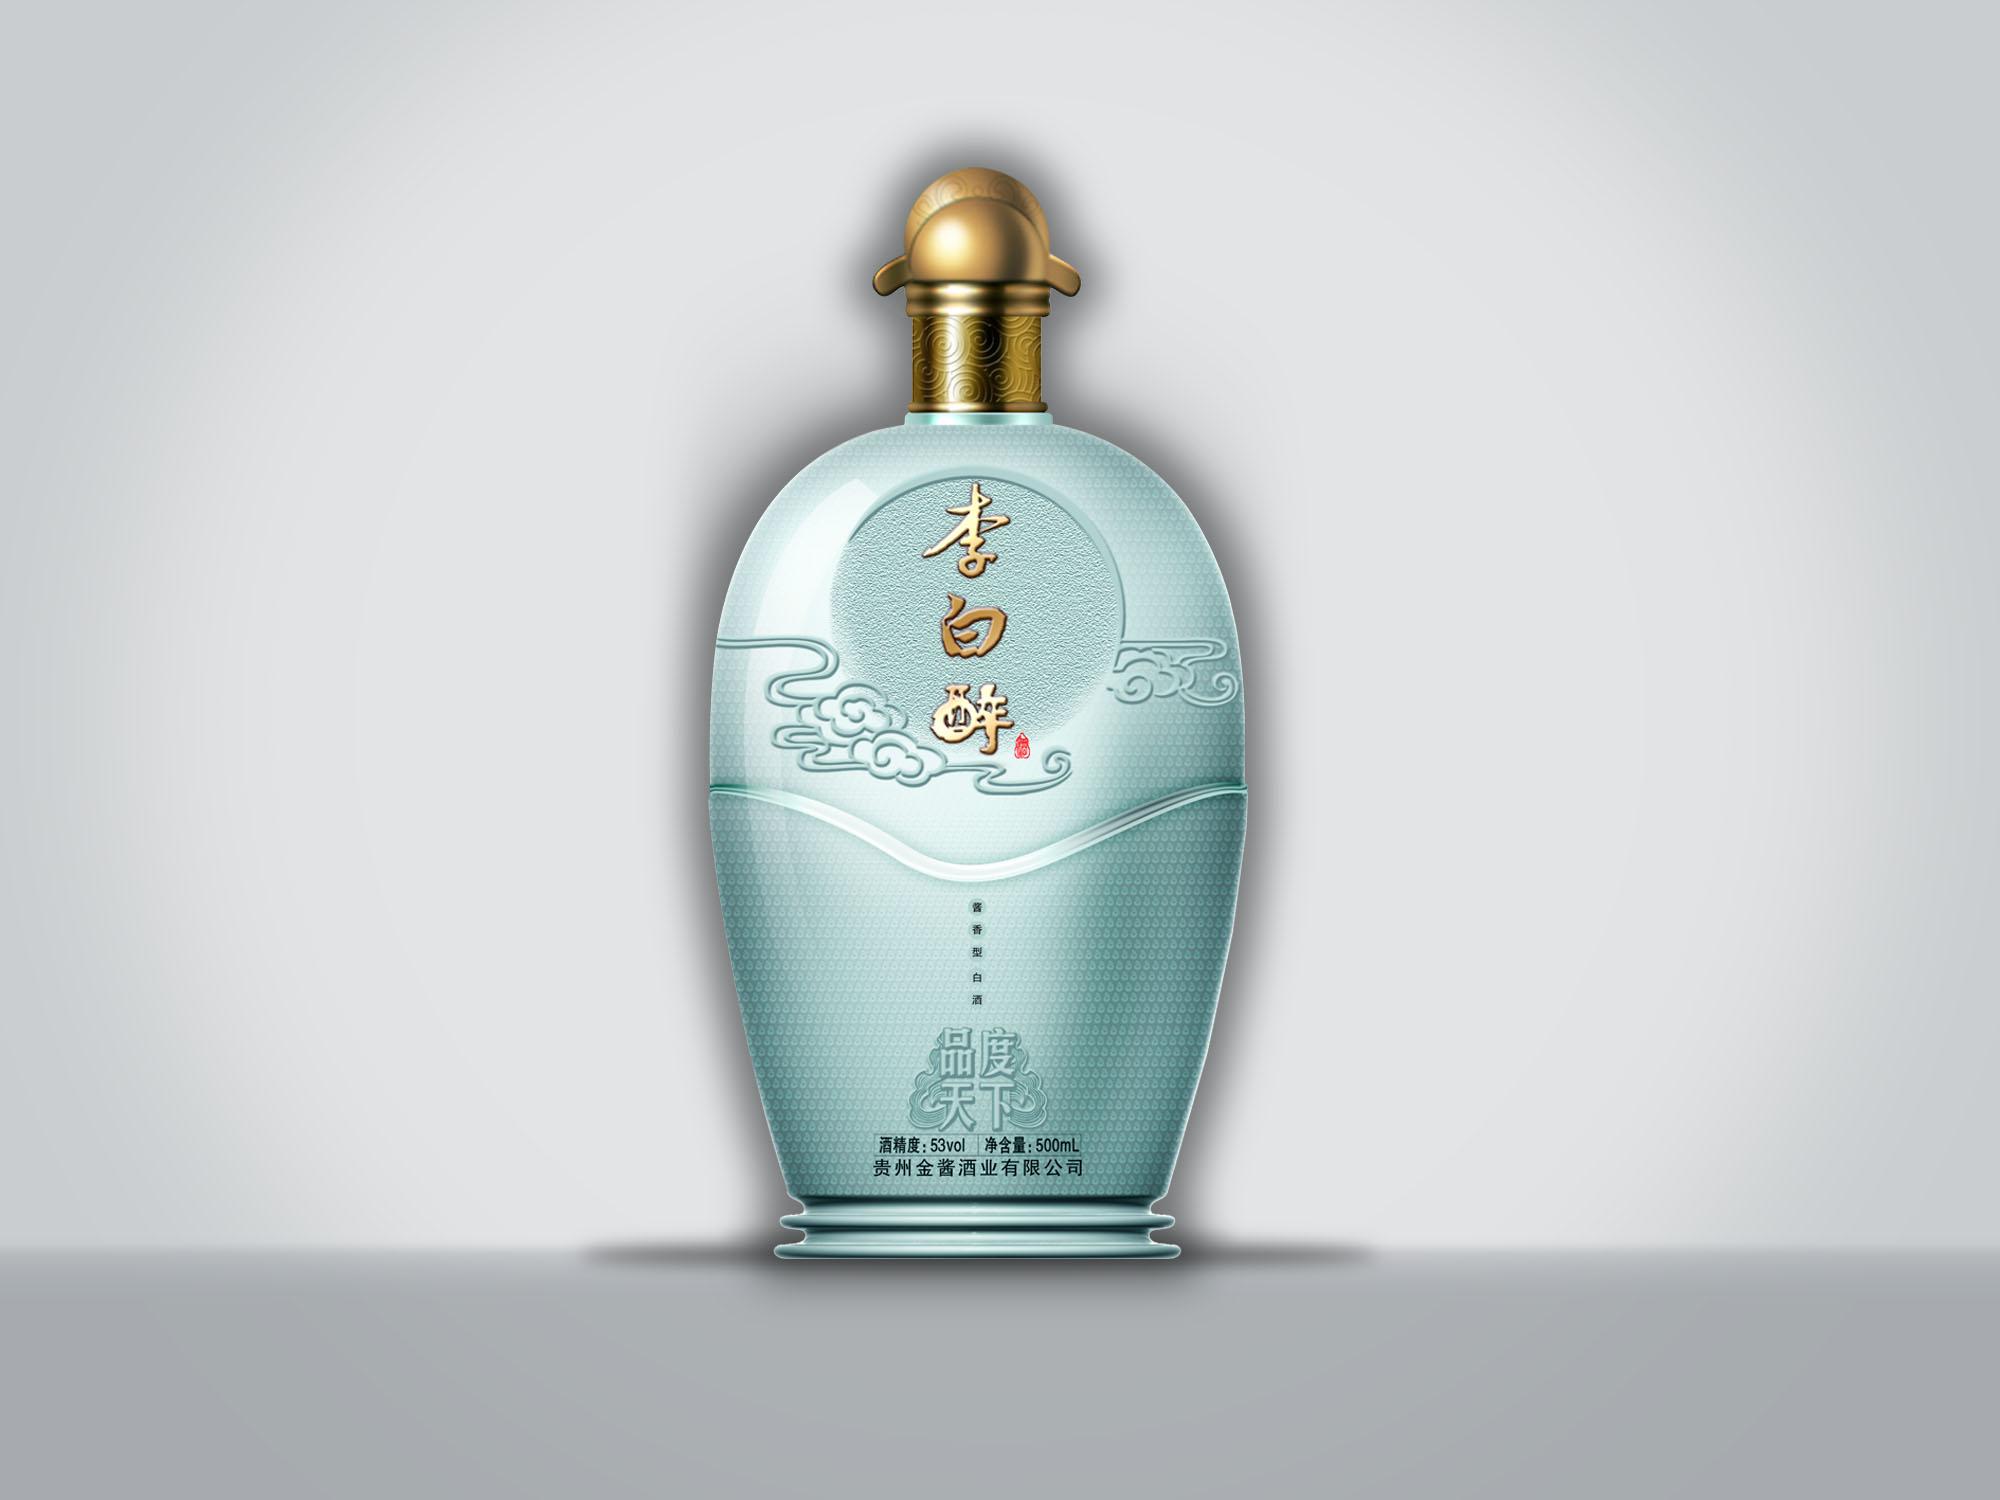 陈少爷的早期白酒瓶设计作品集(高清图)